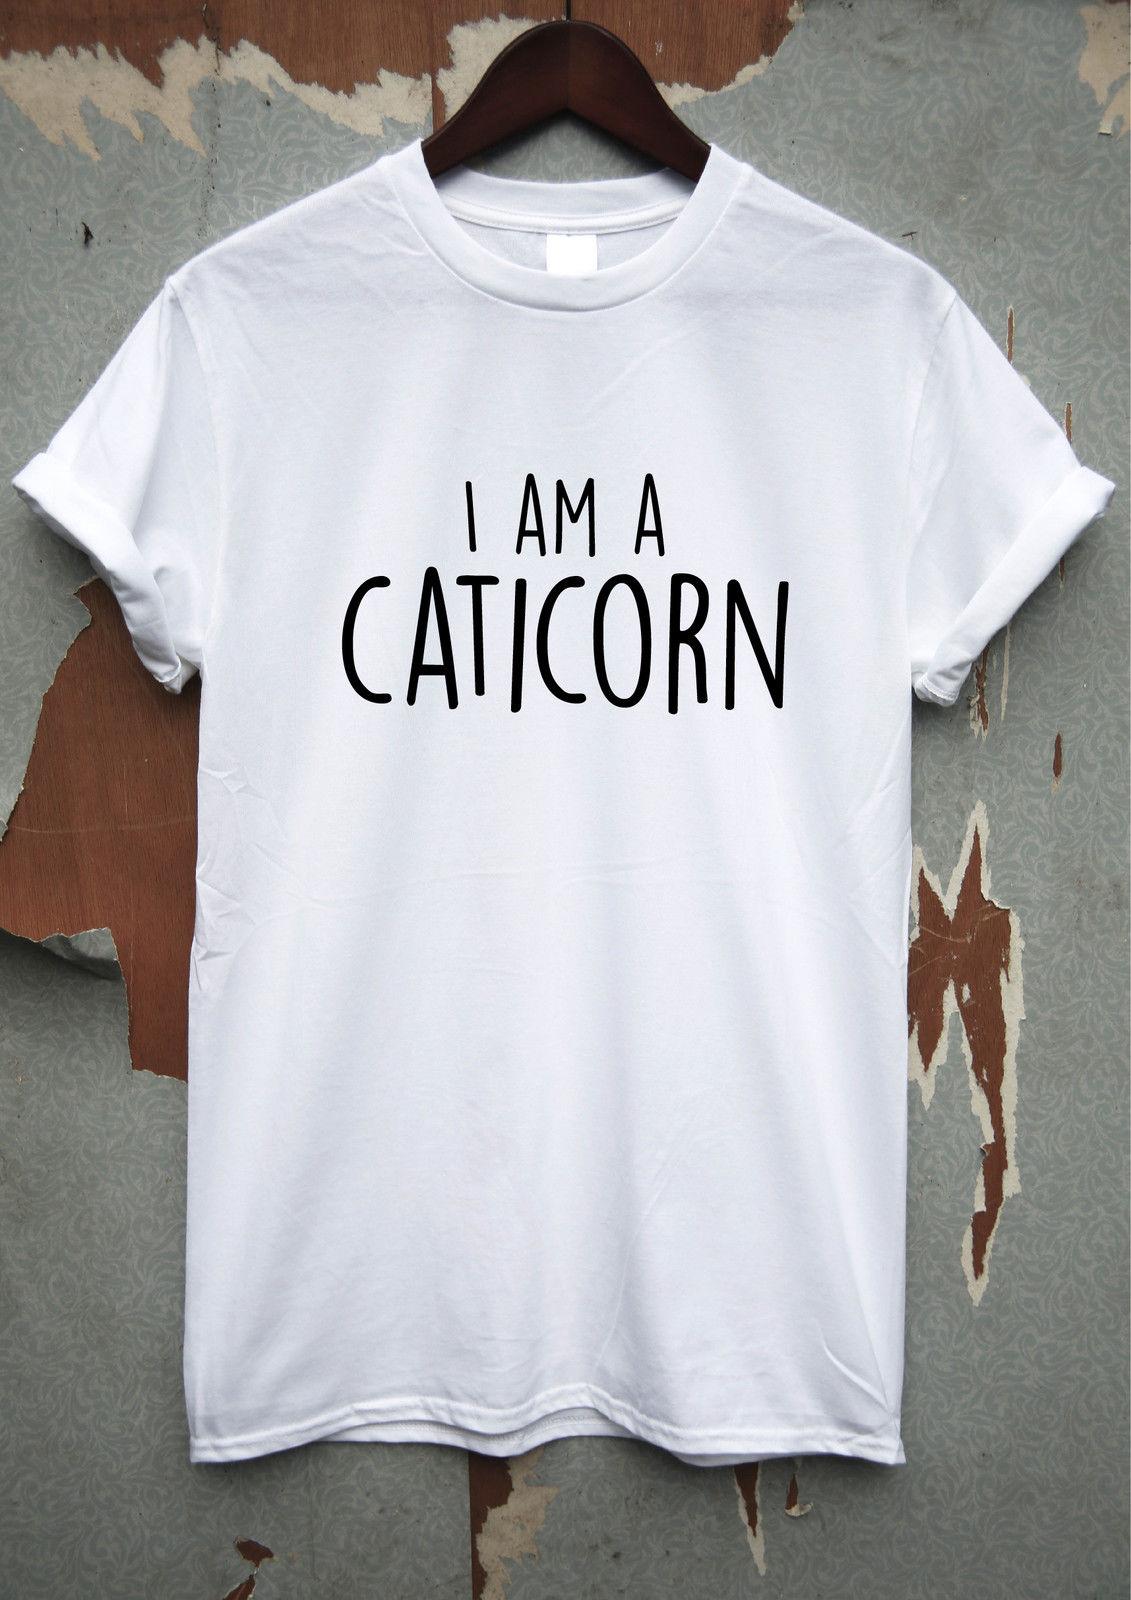 Я caticorn забавная футболка на день рождения шутка мужские лозунг Юмор Лето 2018 короткий рукав плюс Размеры футболка